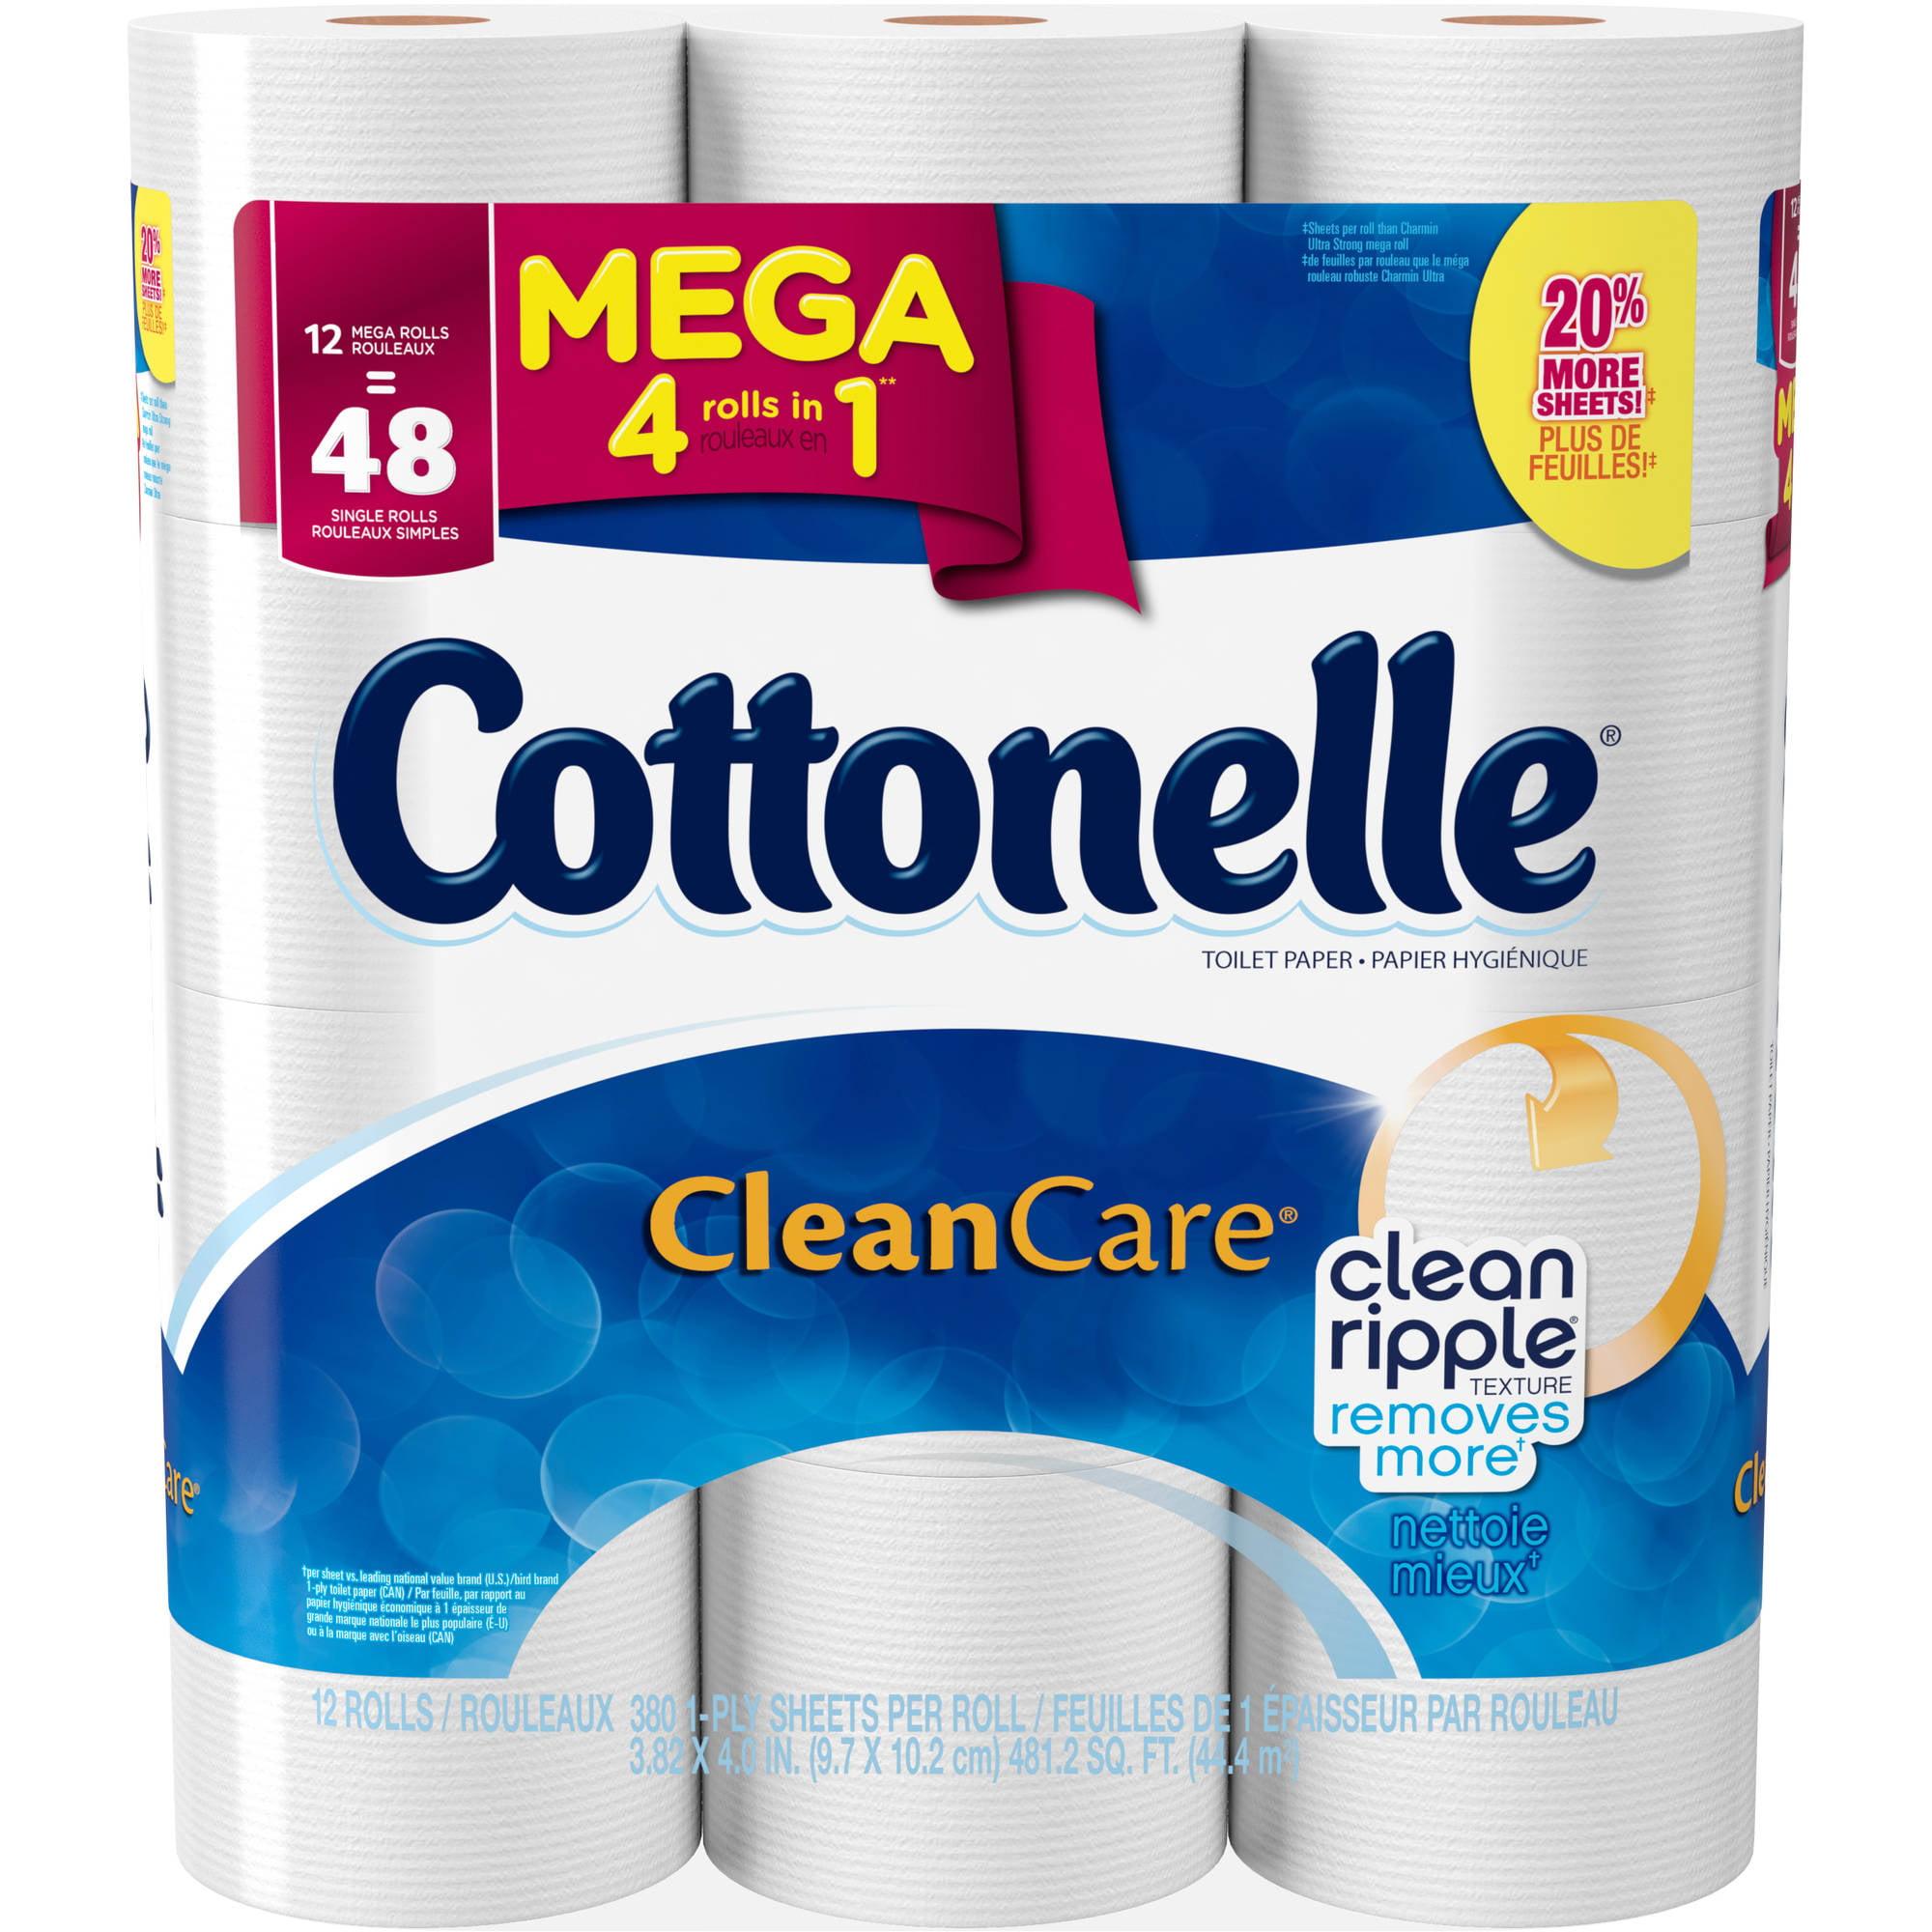 Cottonelle Clean Care Toilet Paper, 12 Mega Rolls - Walmart.com